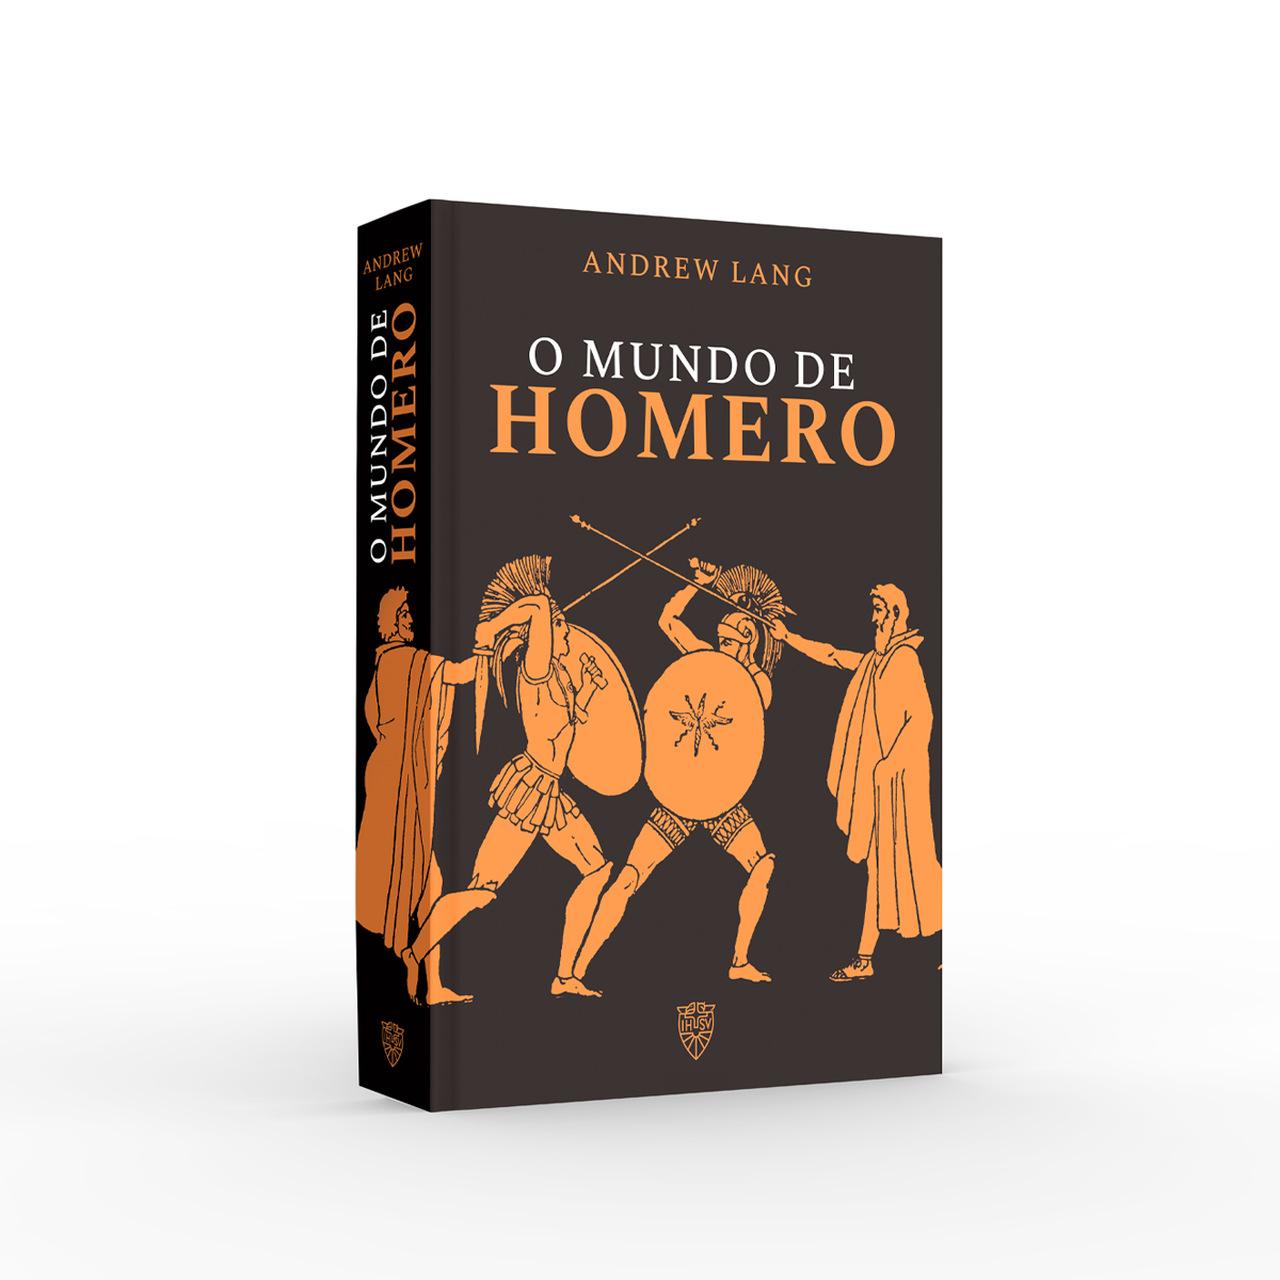 O Mundo de Homero